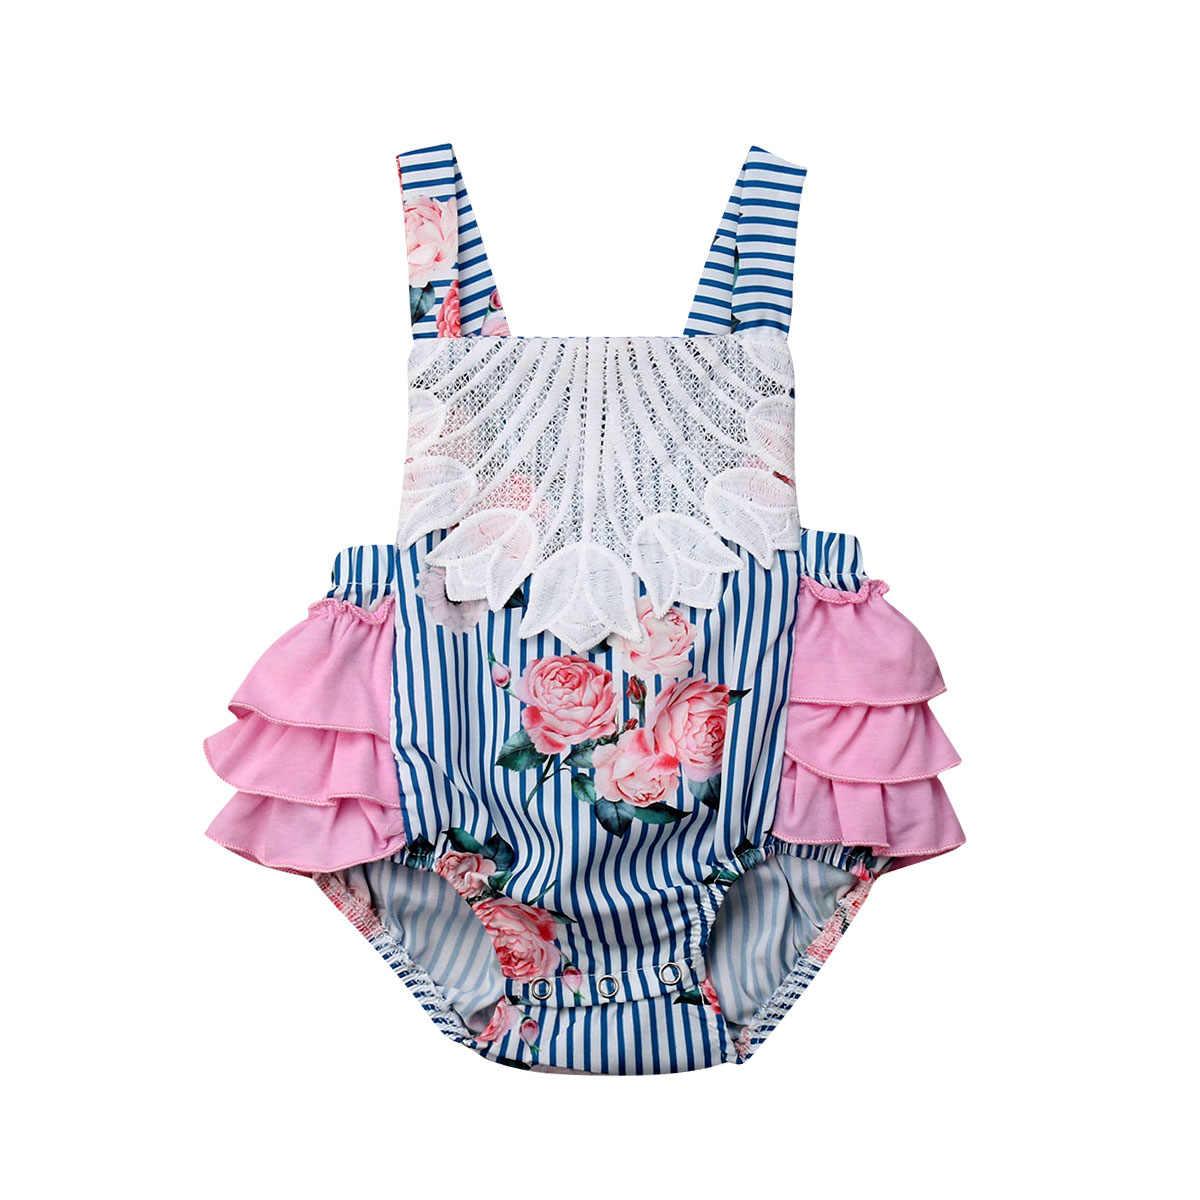 Боди принцессы для новорожденных девочек; кружевные цветочные полосатые комбинезоны с рюшами для малышей; Одежда для маленьких детей; комбинезон